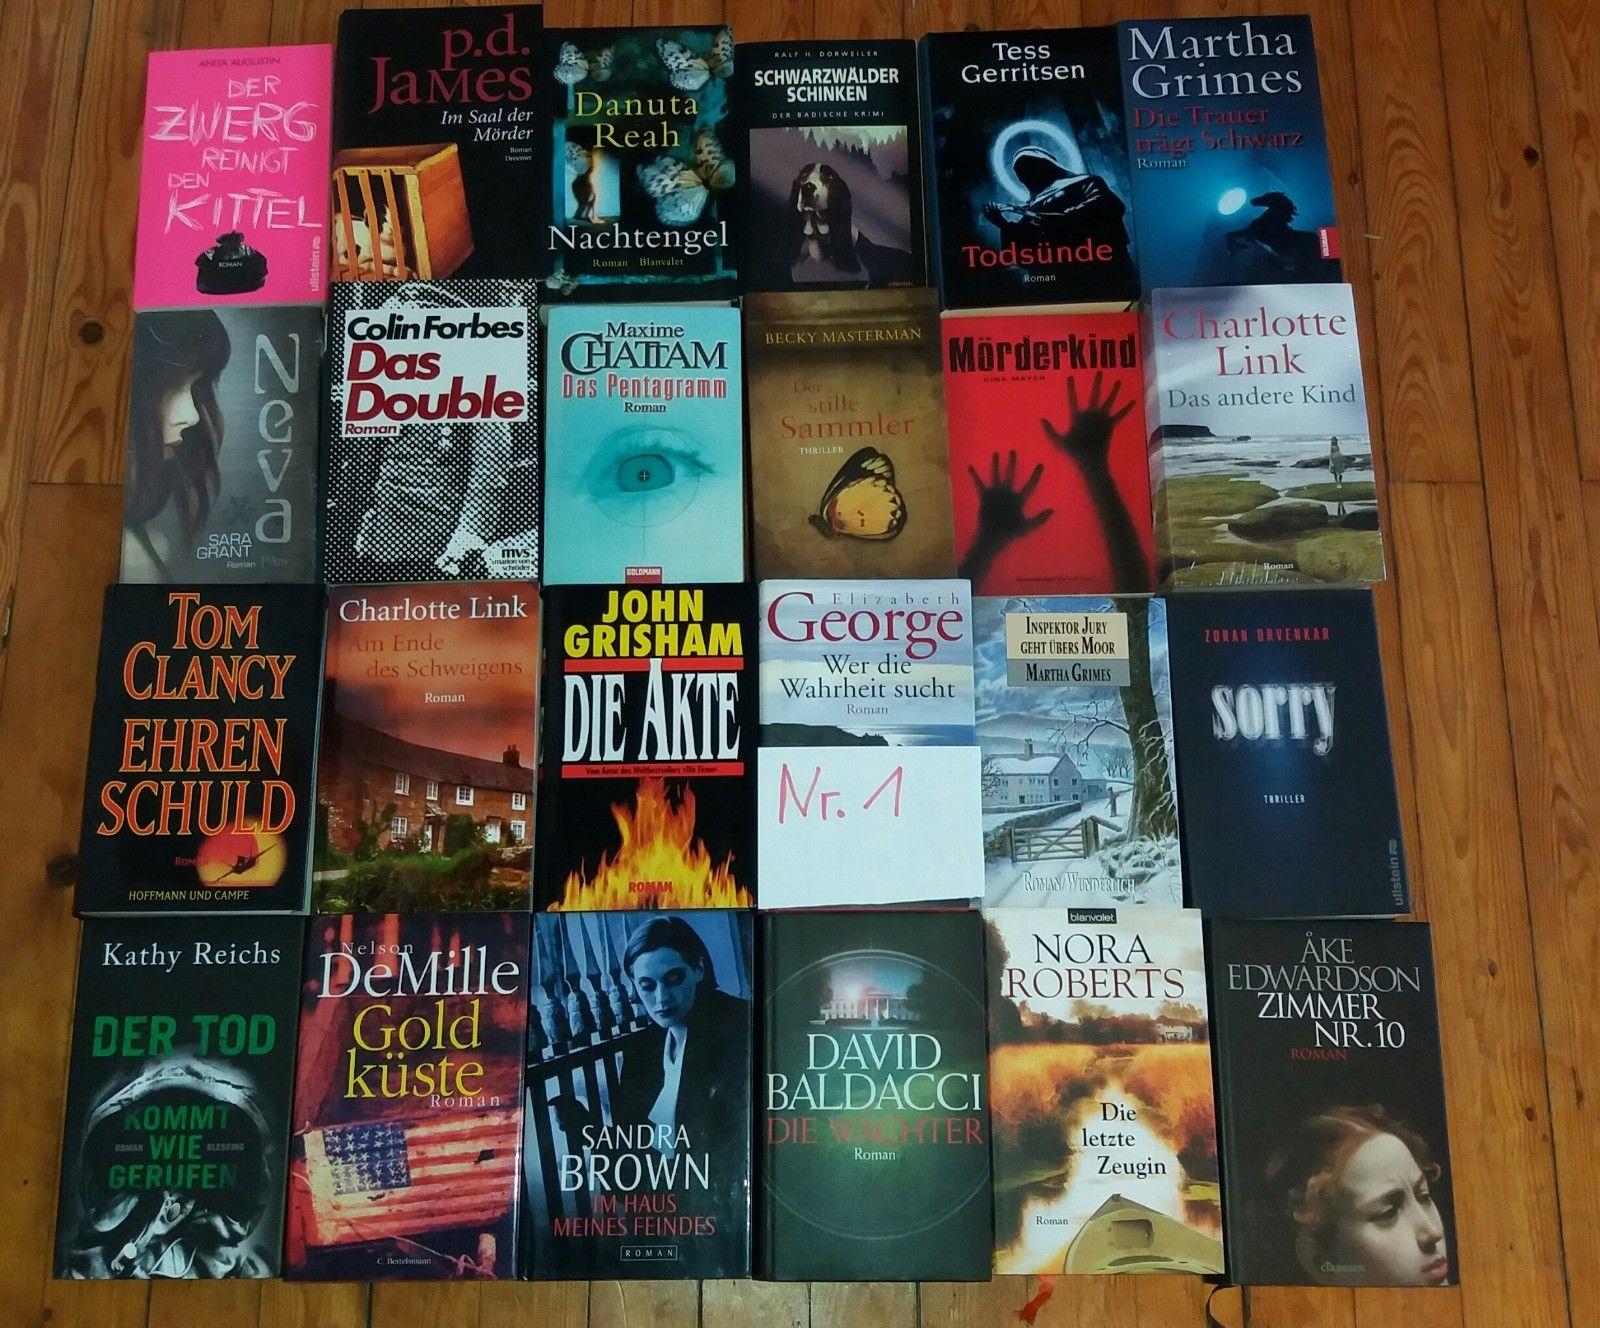 Top Krimi Thriller Romane Bücher Bestseller - Konvolut - Sammlung - Paket - 01